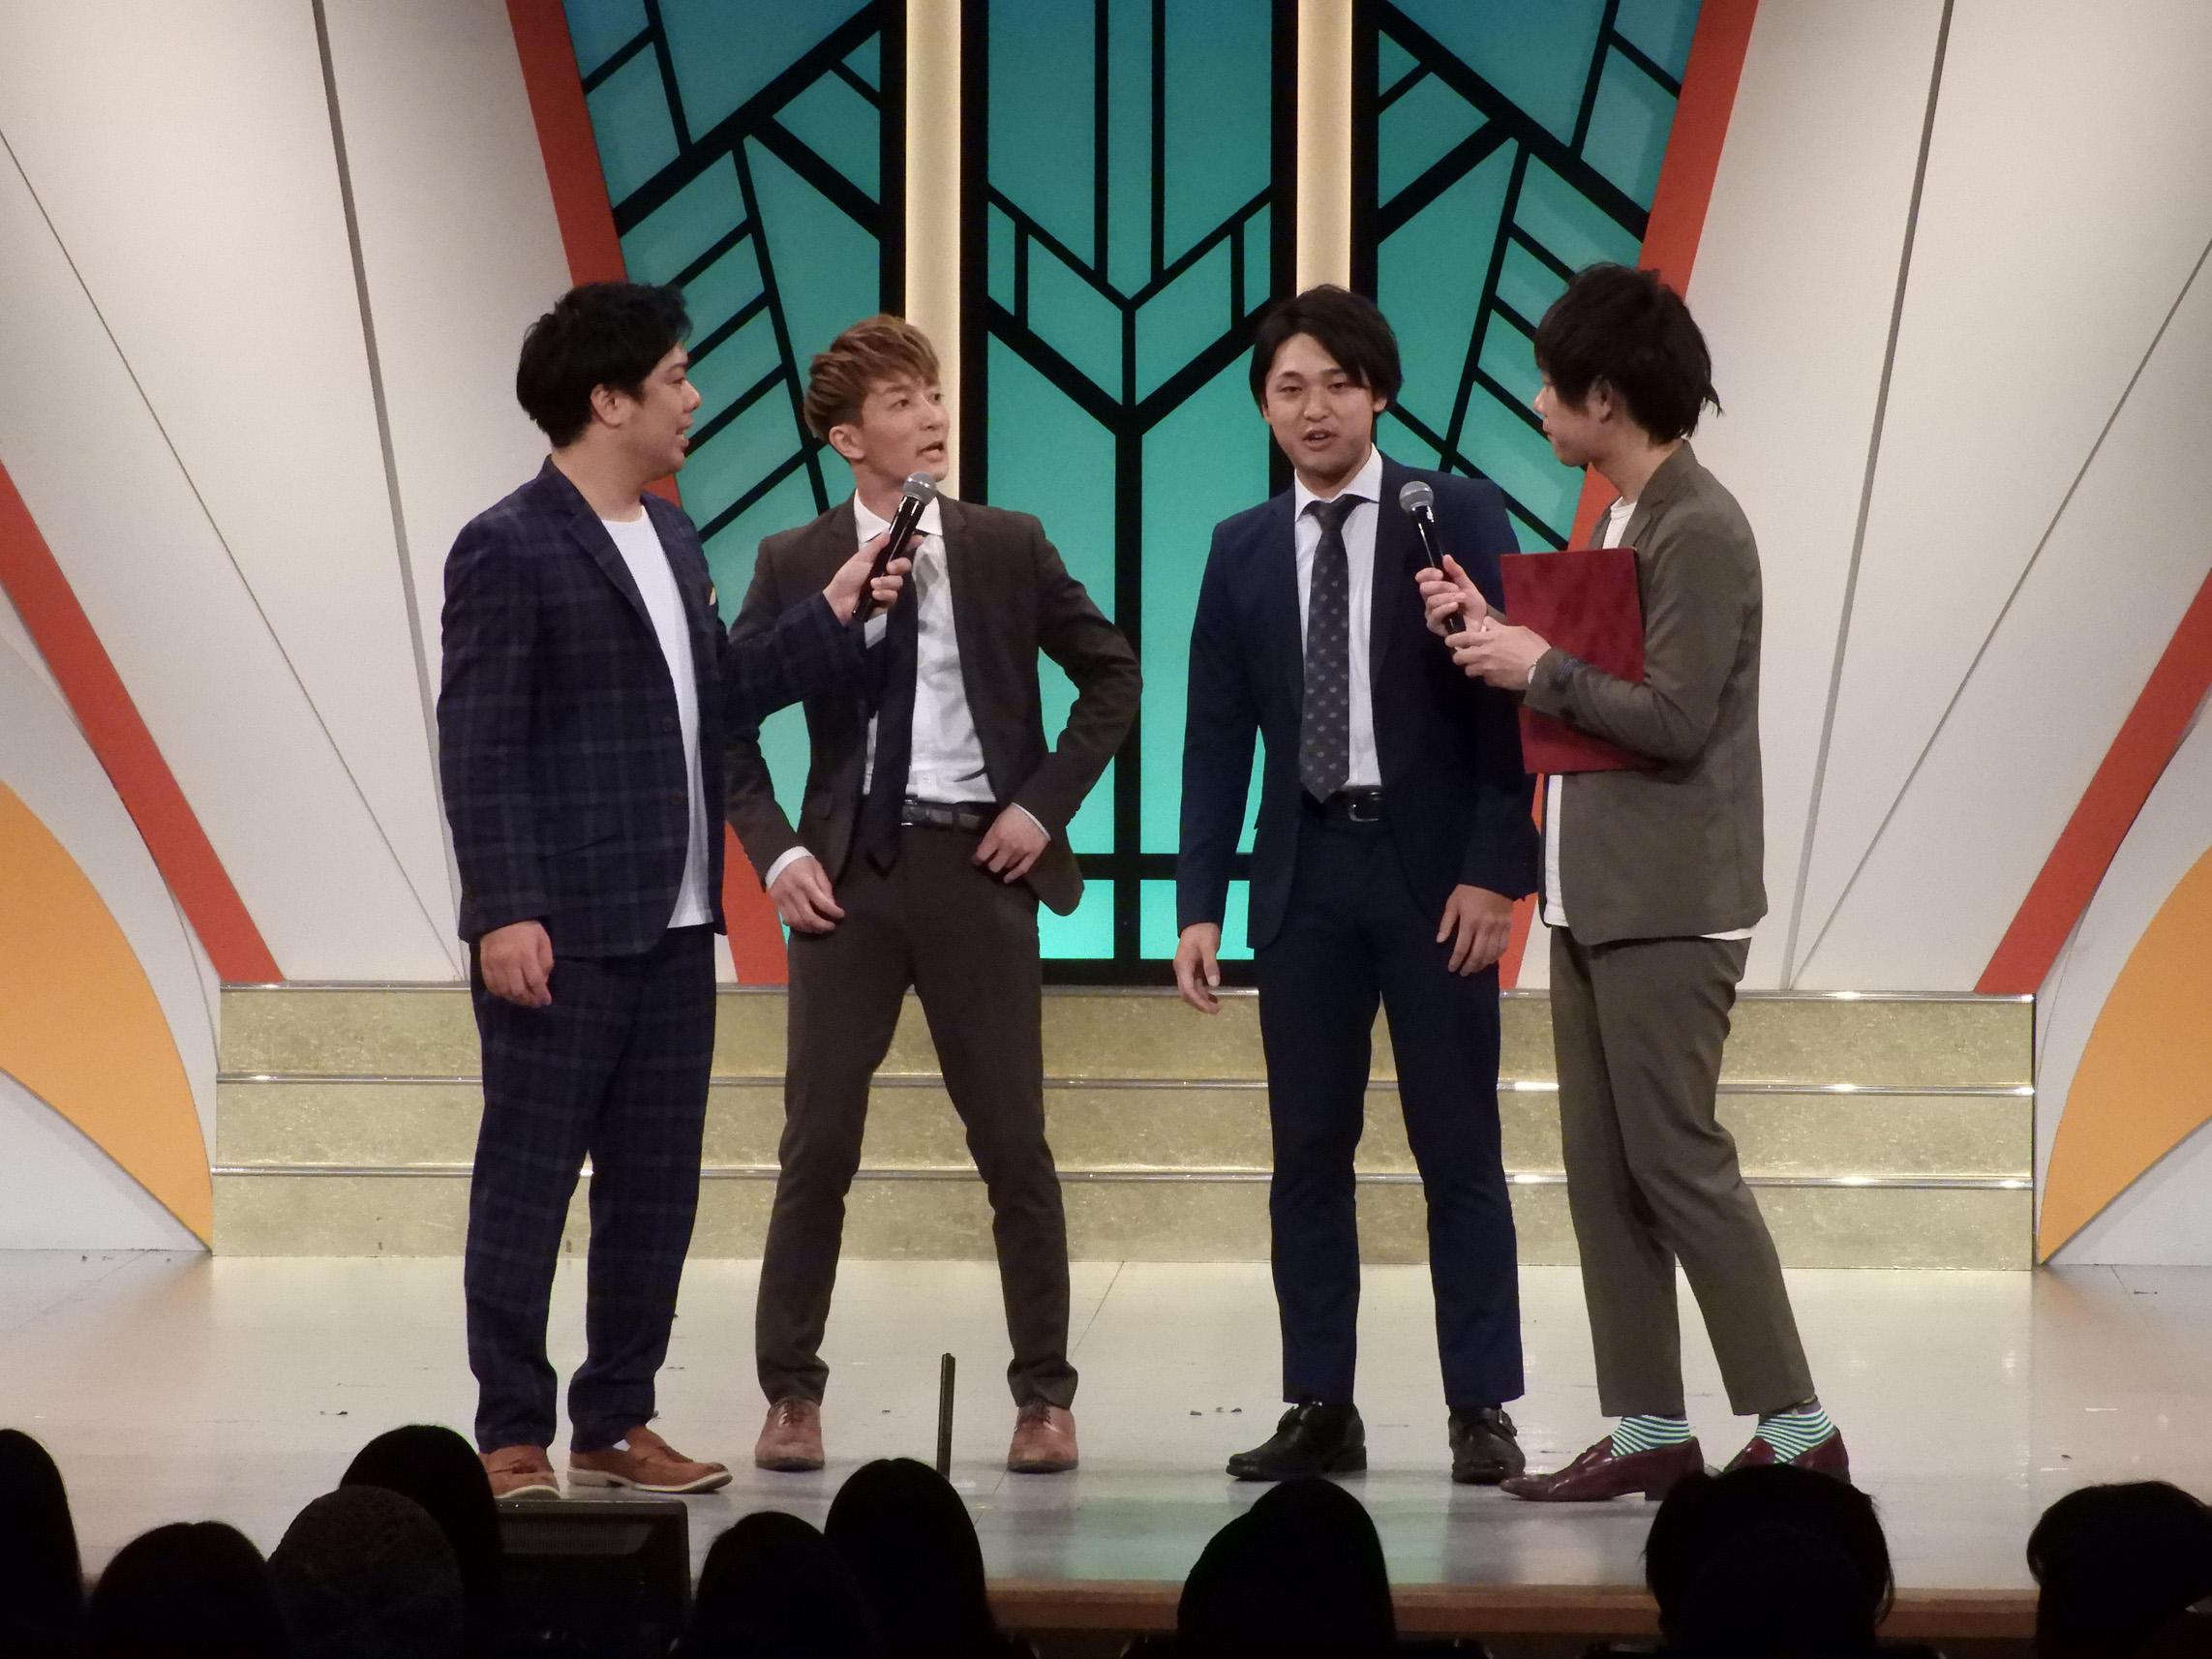 http://news.yoshimoto.co.jp/20180511112130-a8e11cb61f56e19aa4849a6eab0885222cbcbf0b.jpg